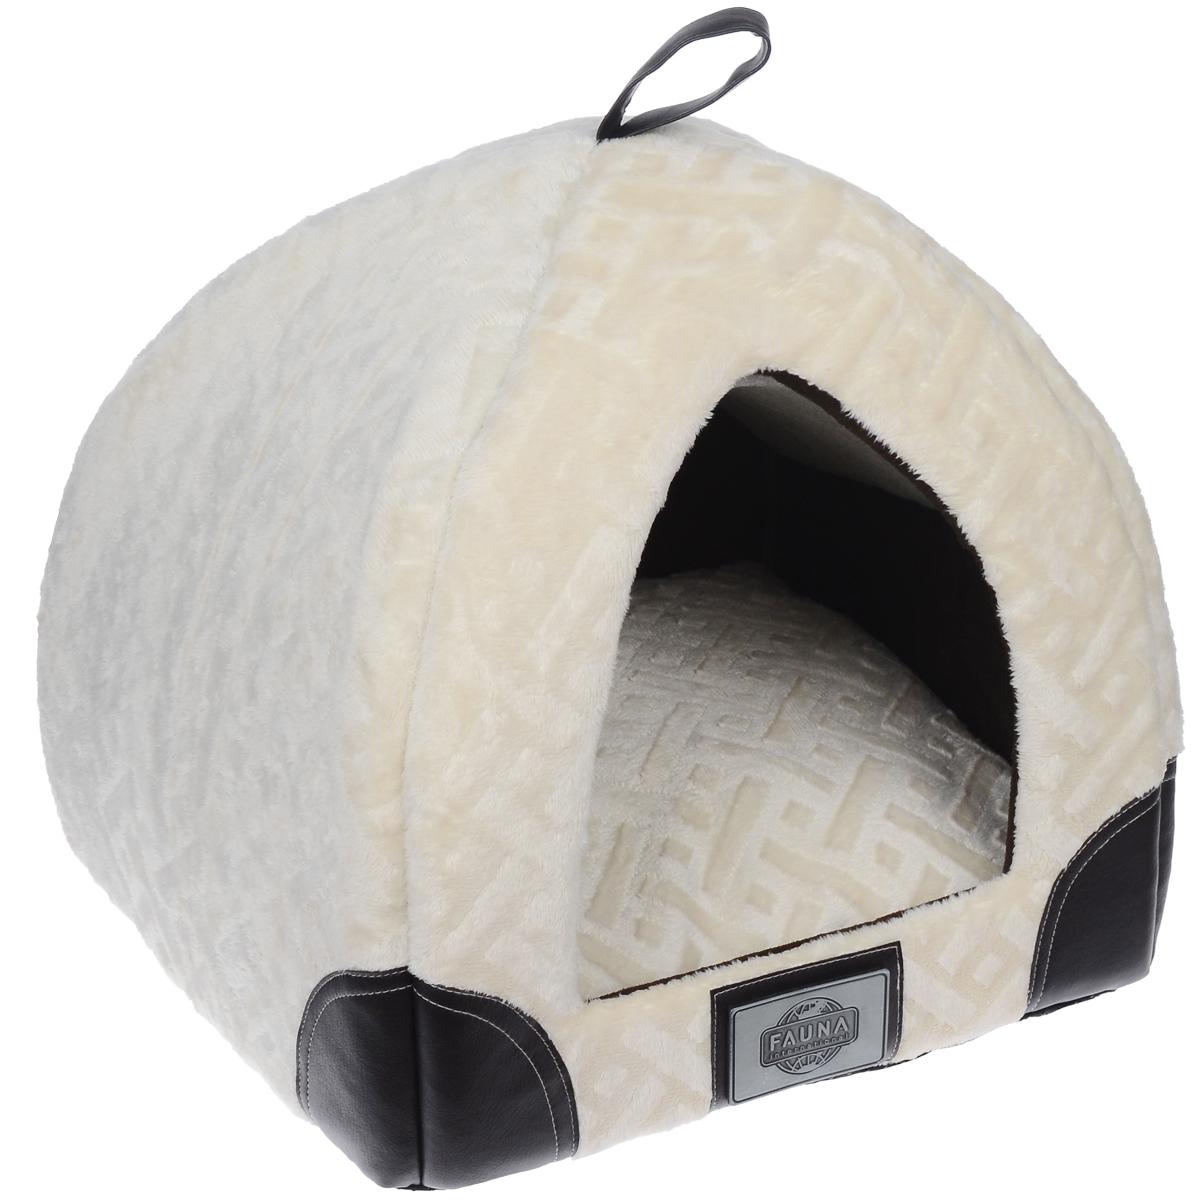 Домик для кошки Fauna Regina igloo, цвет: бежевый, коричневый, 35 см х 35 см х 40 см0120710Домик для кошки Fauna Regina igloo обязательно понравится вашему питомцу. Изделие выполнено из фактурного плюша, внутри отделано флисом. Домик украшен накладками из кожи и металлическим декором.Ваш любимец сразу же захочет забраться внутрь, там он сможет отдохнуть и спрятаться. Компактные размеры позволят поместить домик, где угодно, а приятная цветовая гамма сделает его оригинальным дополнением к любому интерьеру.Внутренняя высота домика: 38 см.Толщина подушки: 13 см.Толщина стенки: 2 см.